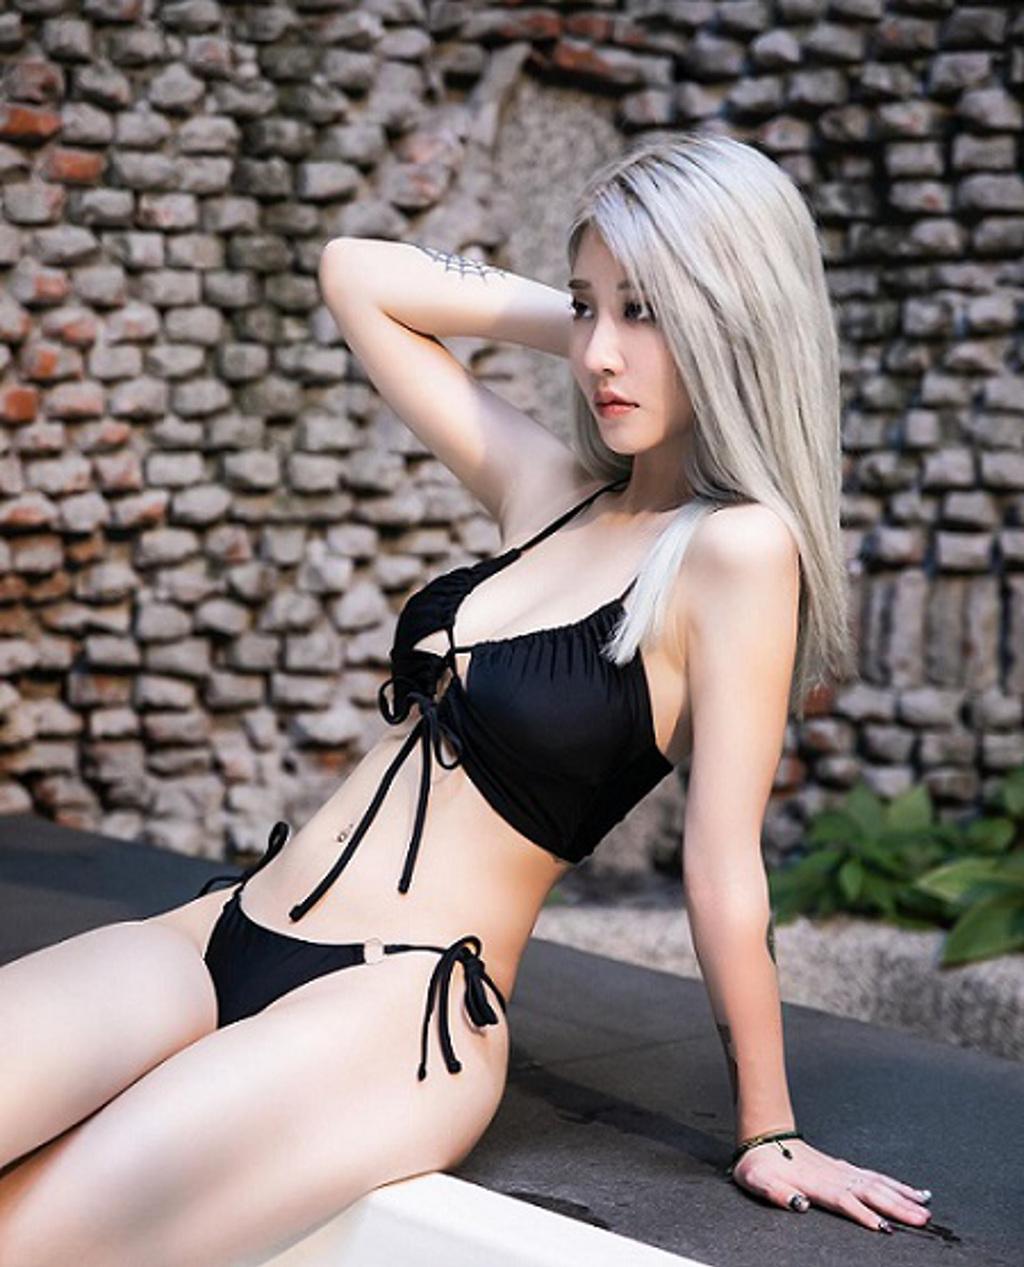 美麗妄娜包下旅館大秀泳衣,票選真理泳衣(翻攝至美麗妄娜YouTube)